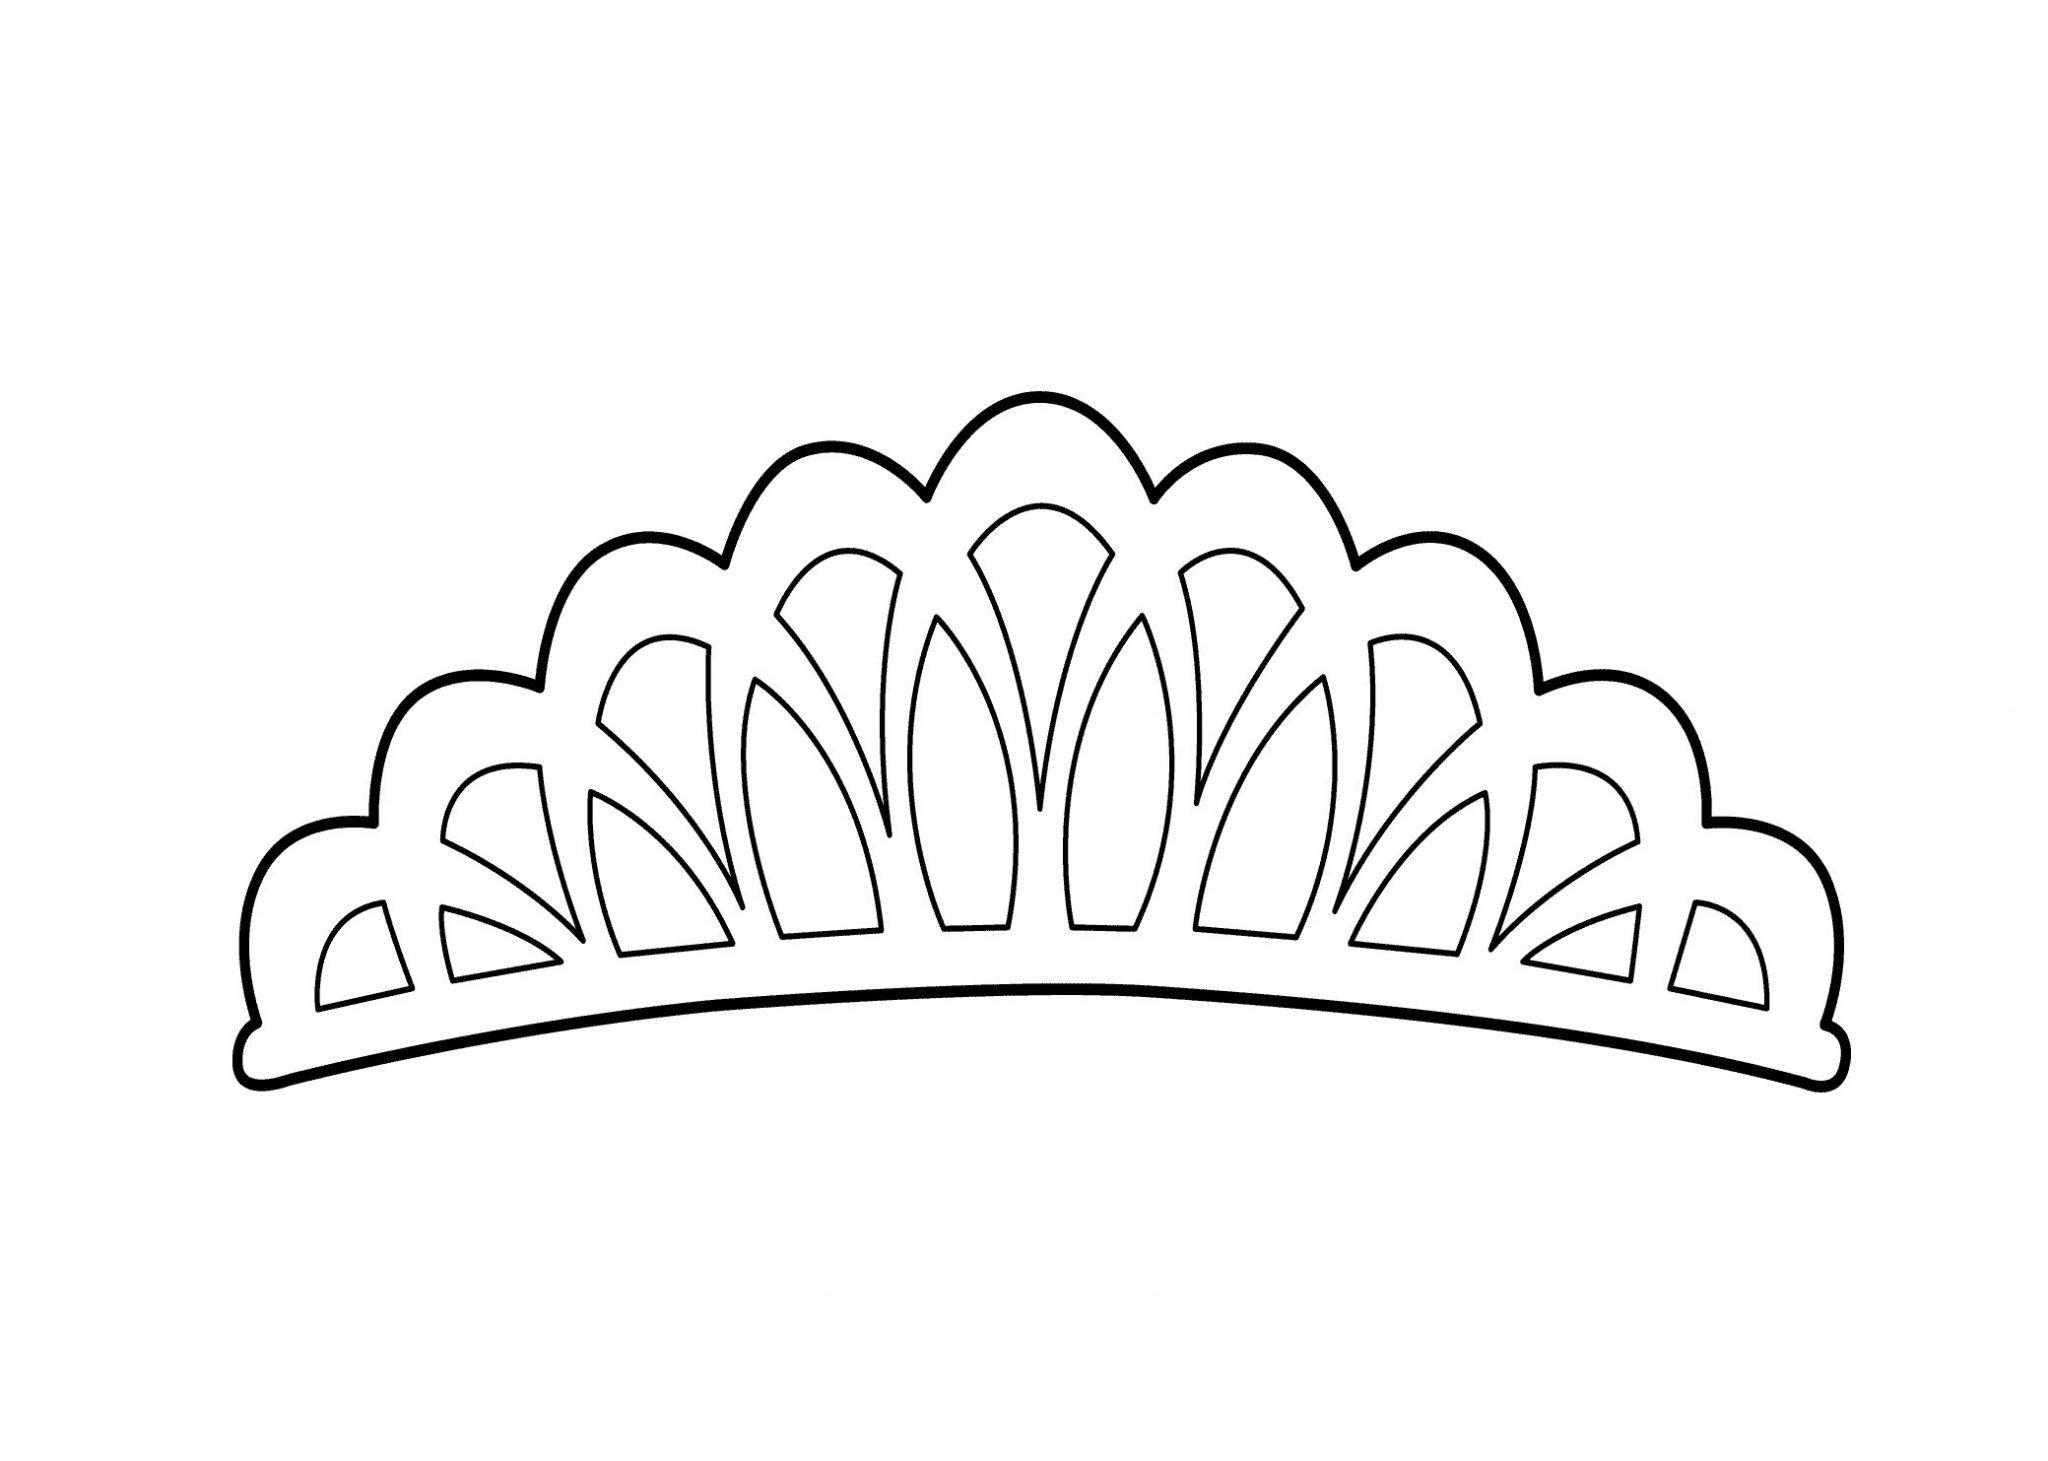 корона раскраска трафарет диадема принцессы распечатать